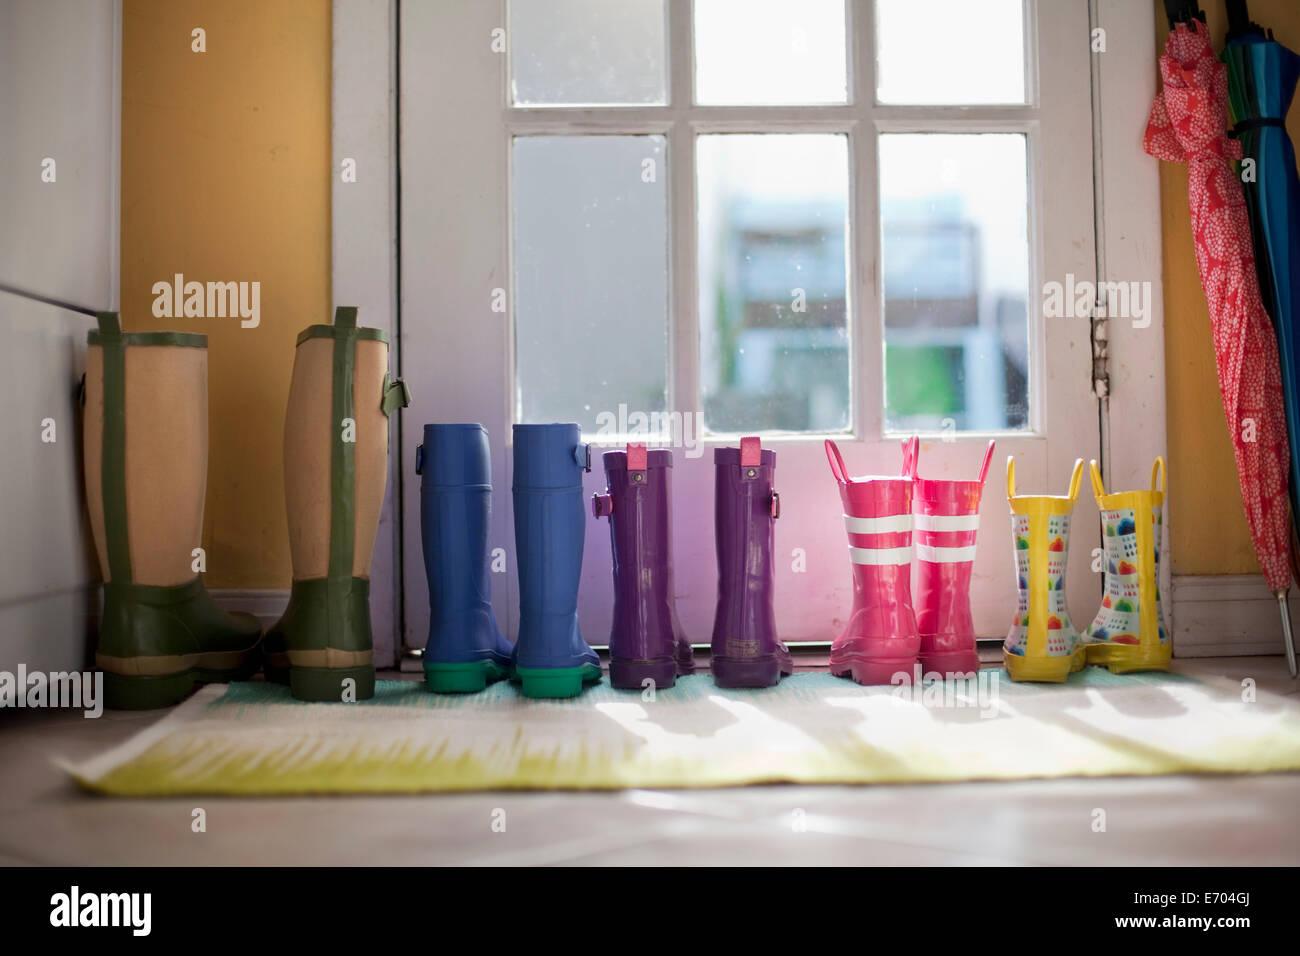 Fila ordinata di stivali di gomma in corrispondenza della porta posteriore Immagini Stock